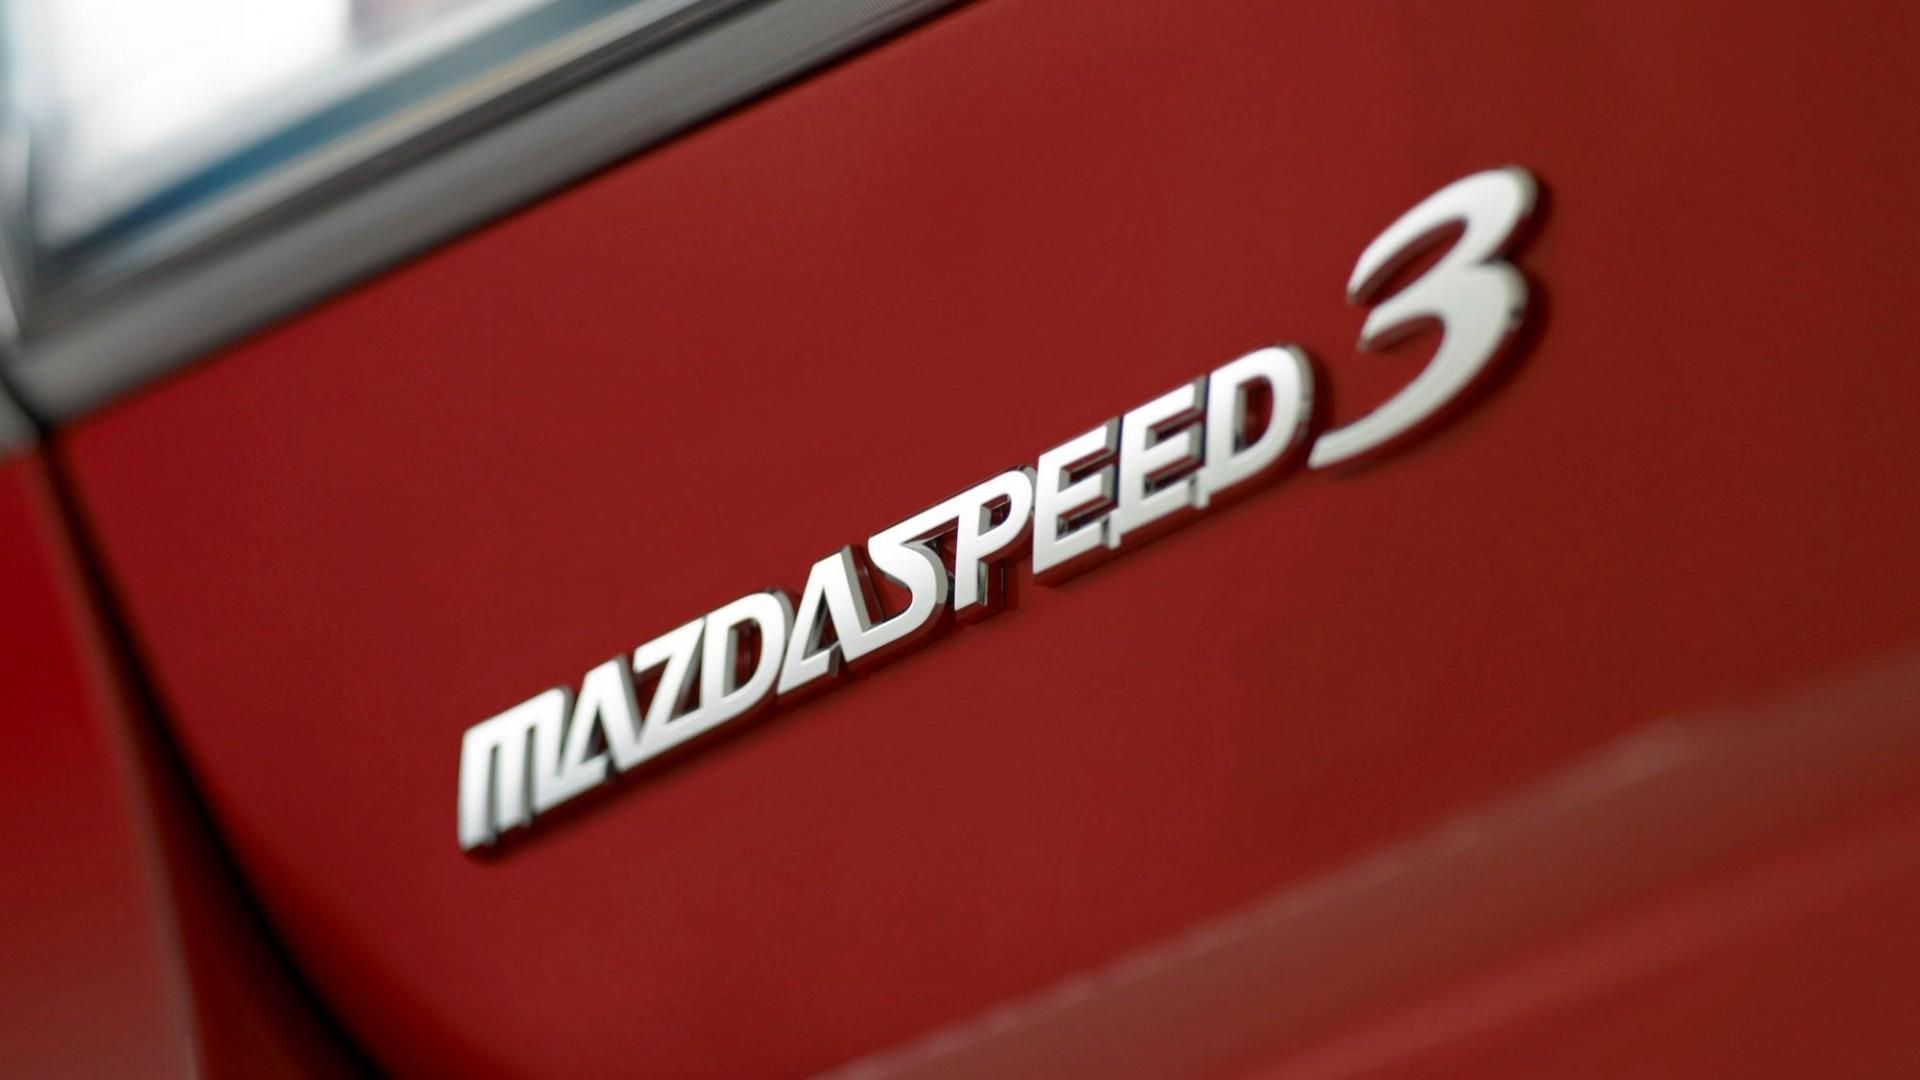 Ya es oficial, la Mazdaspeed que conocíamos está muerta